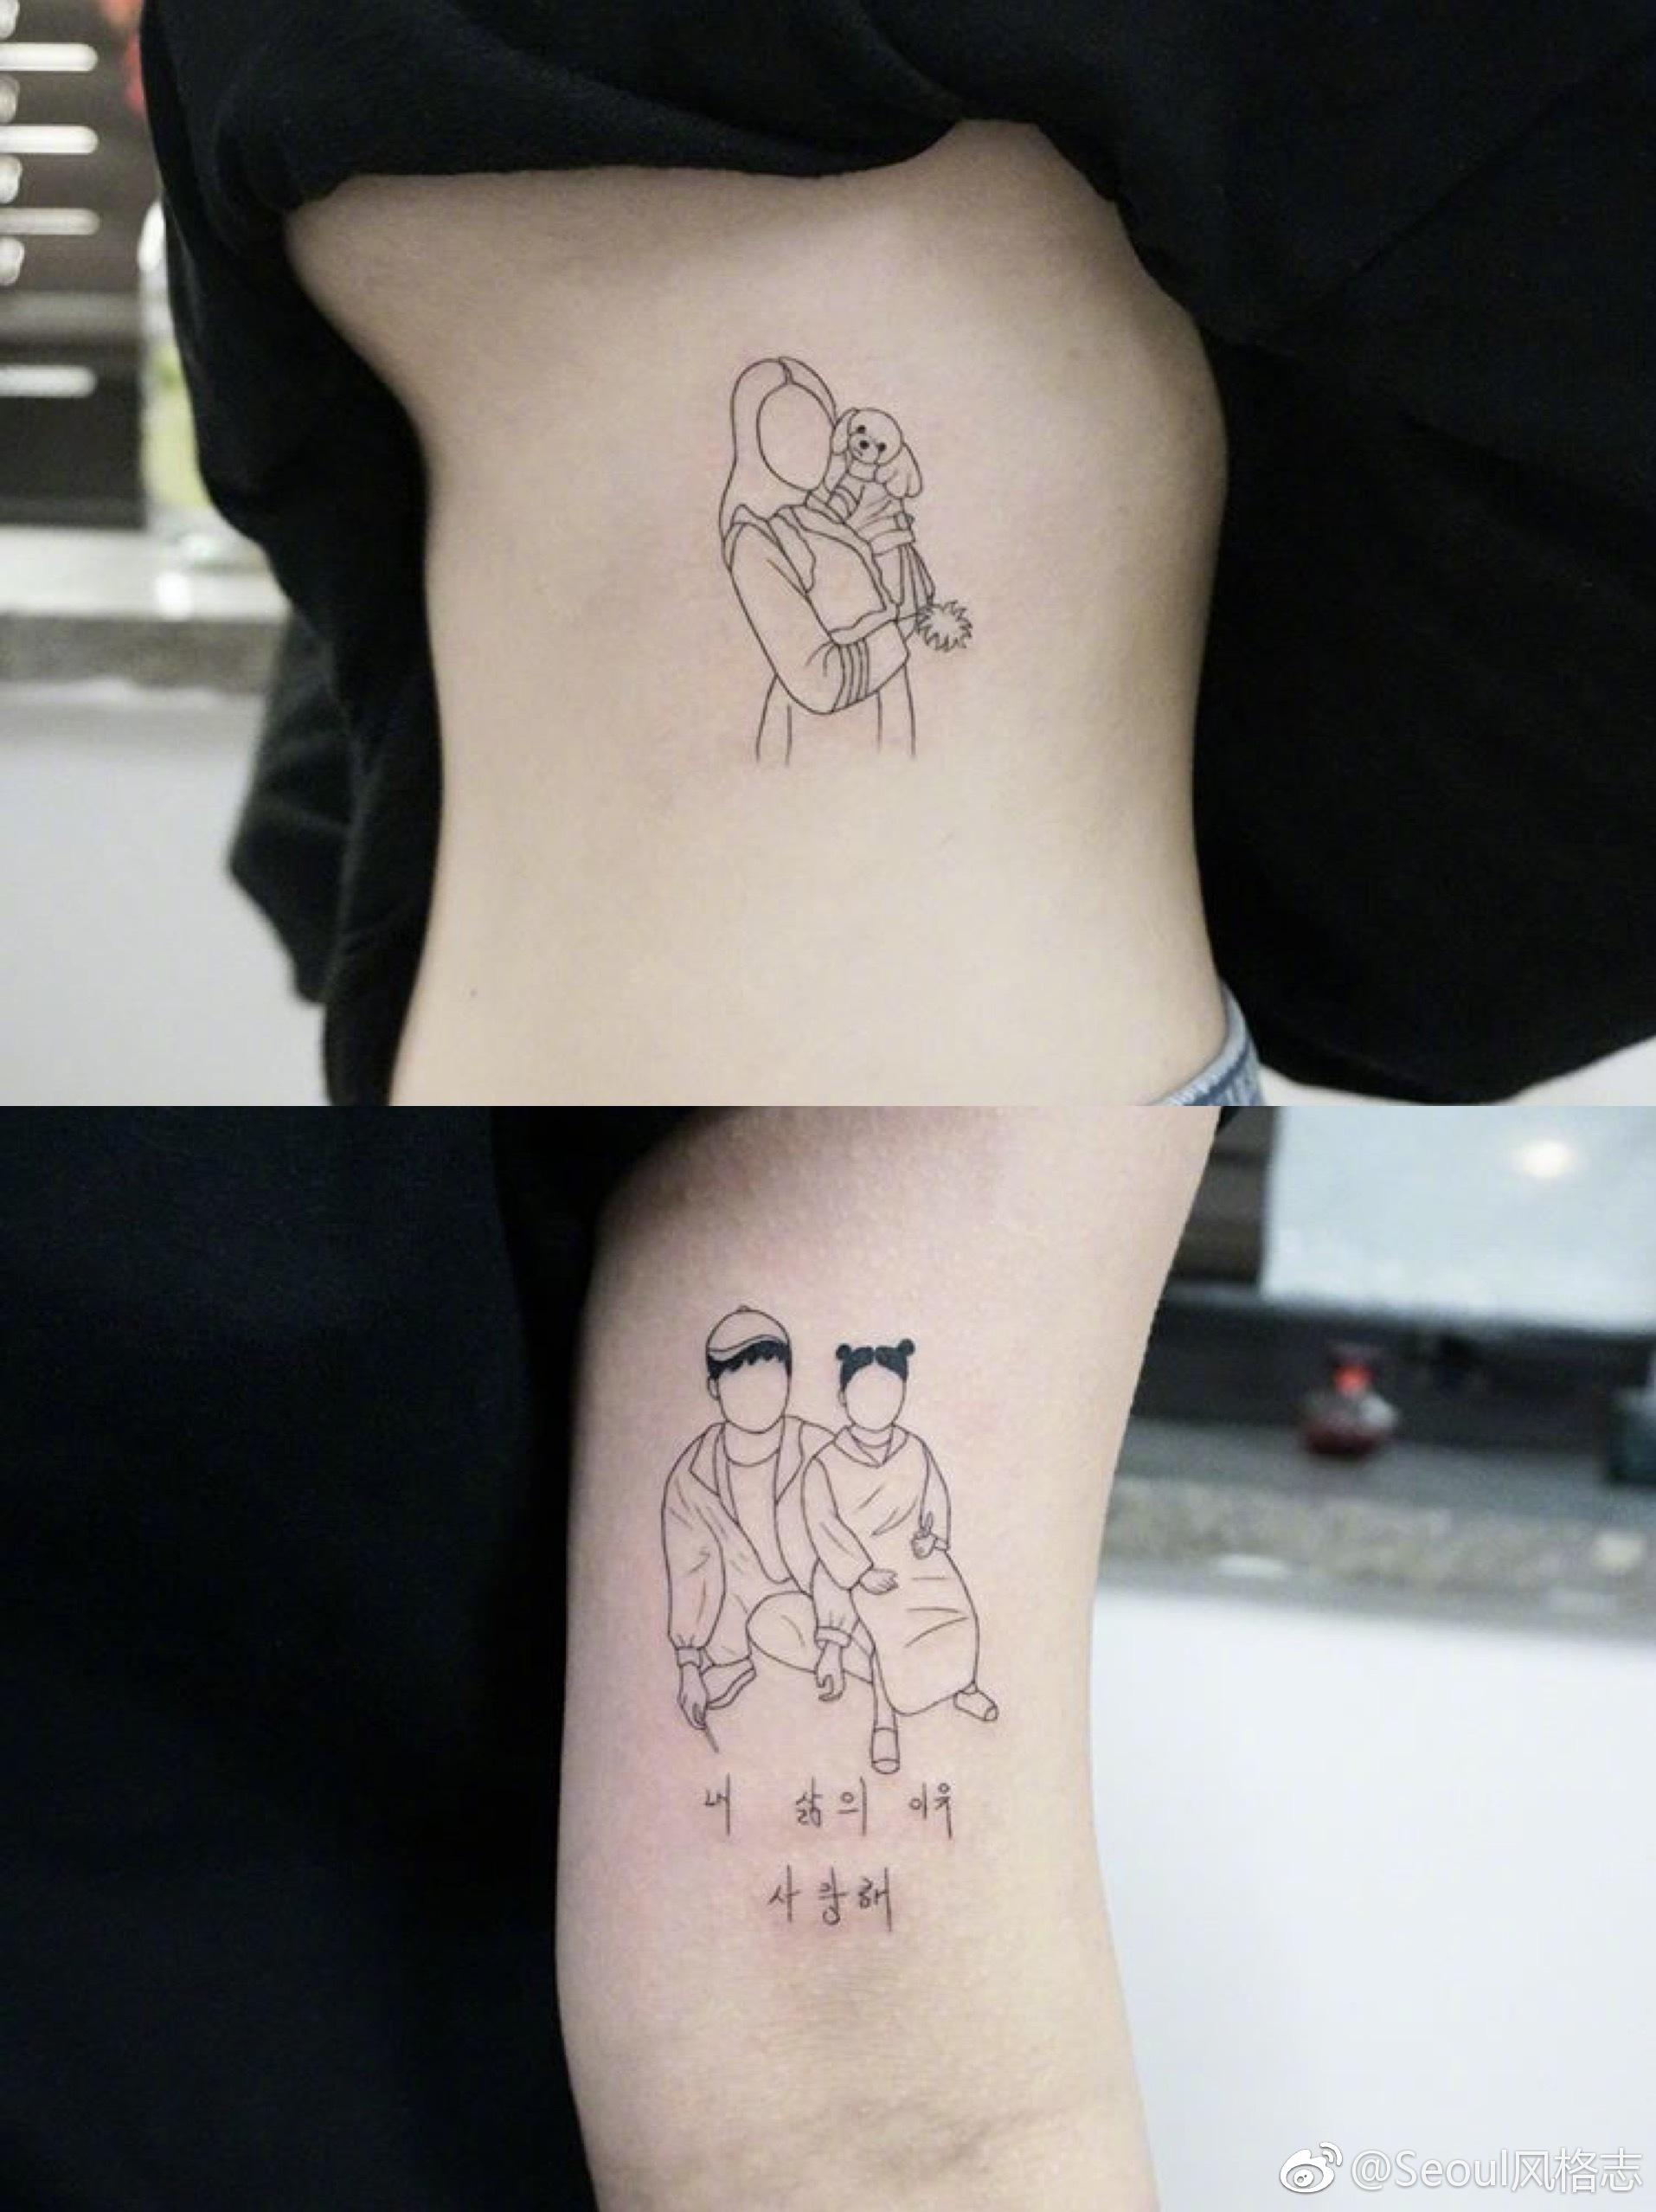 用纹身印刻与家人的美好回忆,好温暖啊!图片